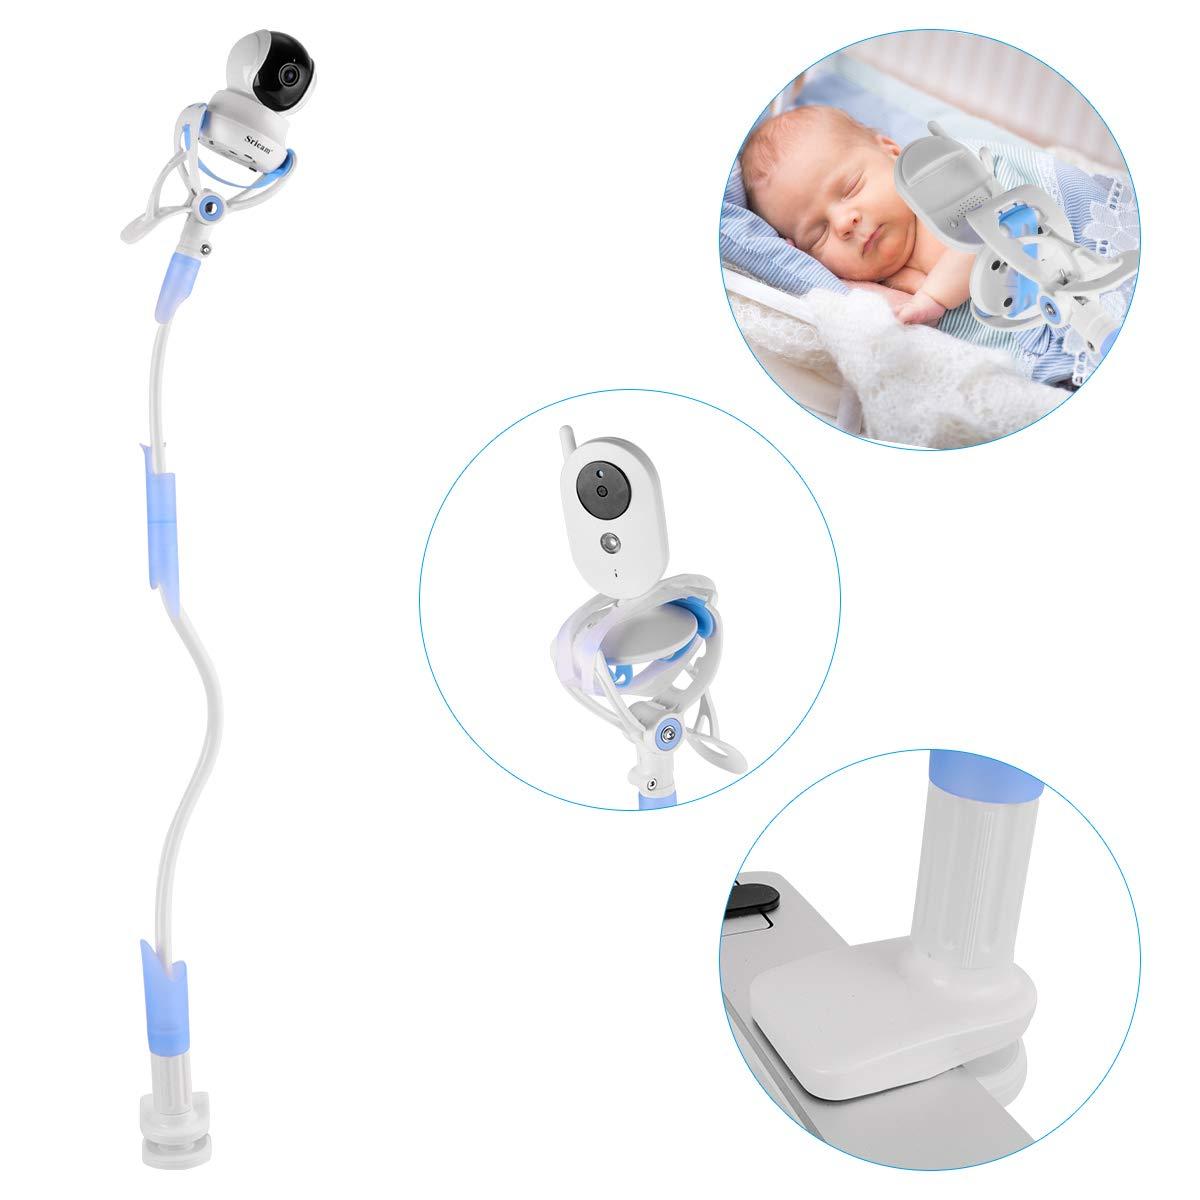 Supporto Universale Baby Monitor, Lega di Alluminio Flessibile 360° 85cm Supporto Baby Monitor per il Supporto Universale Della Scuola Materna Compatibile con Tutti i Telefoni e i Baby Monitor Surfnsave